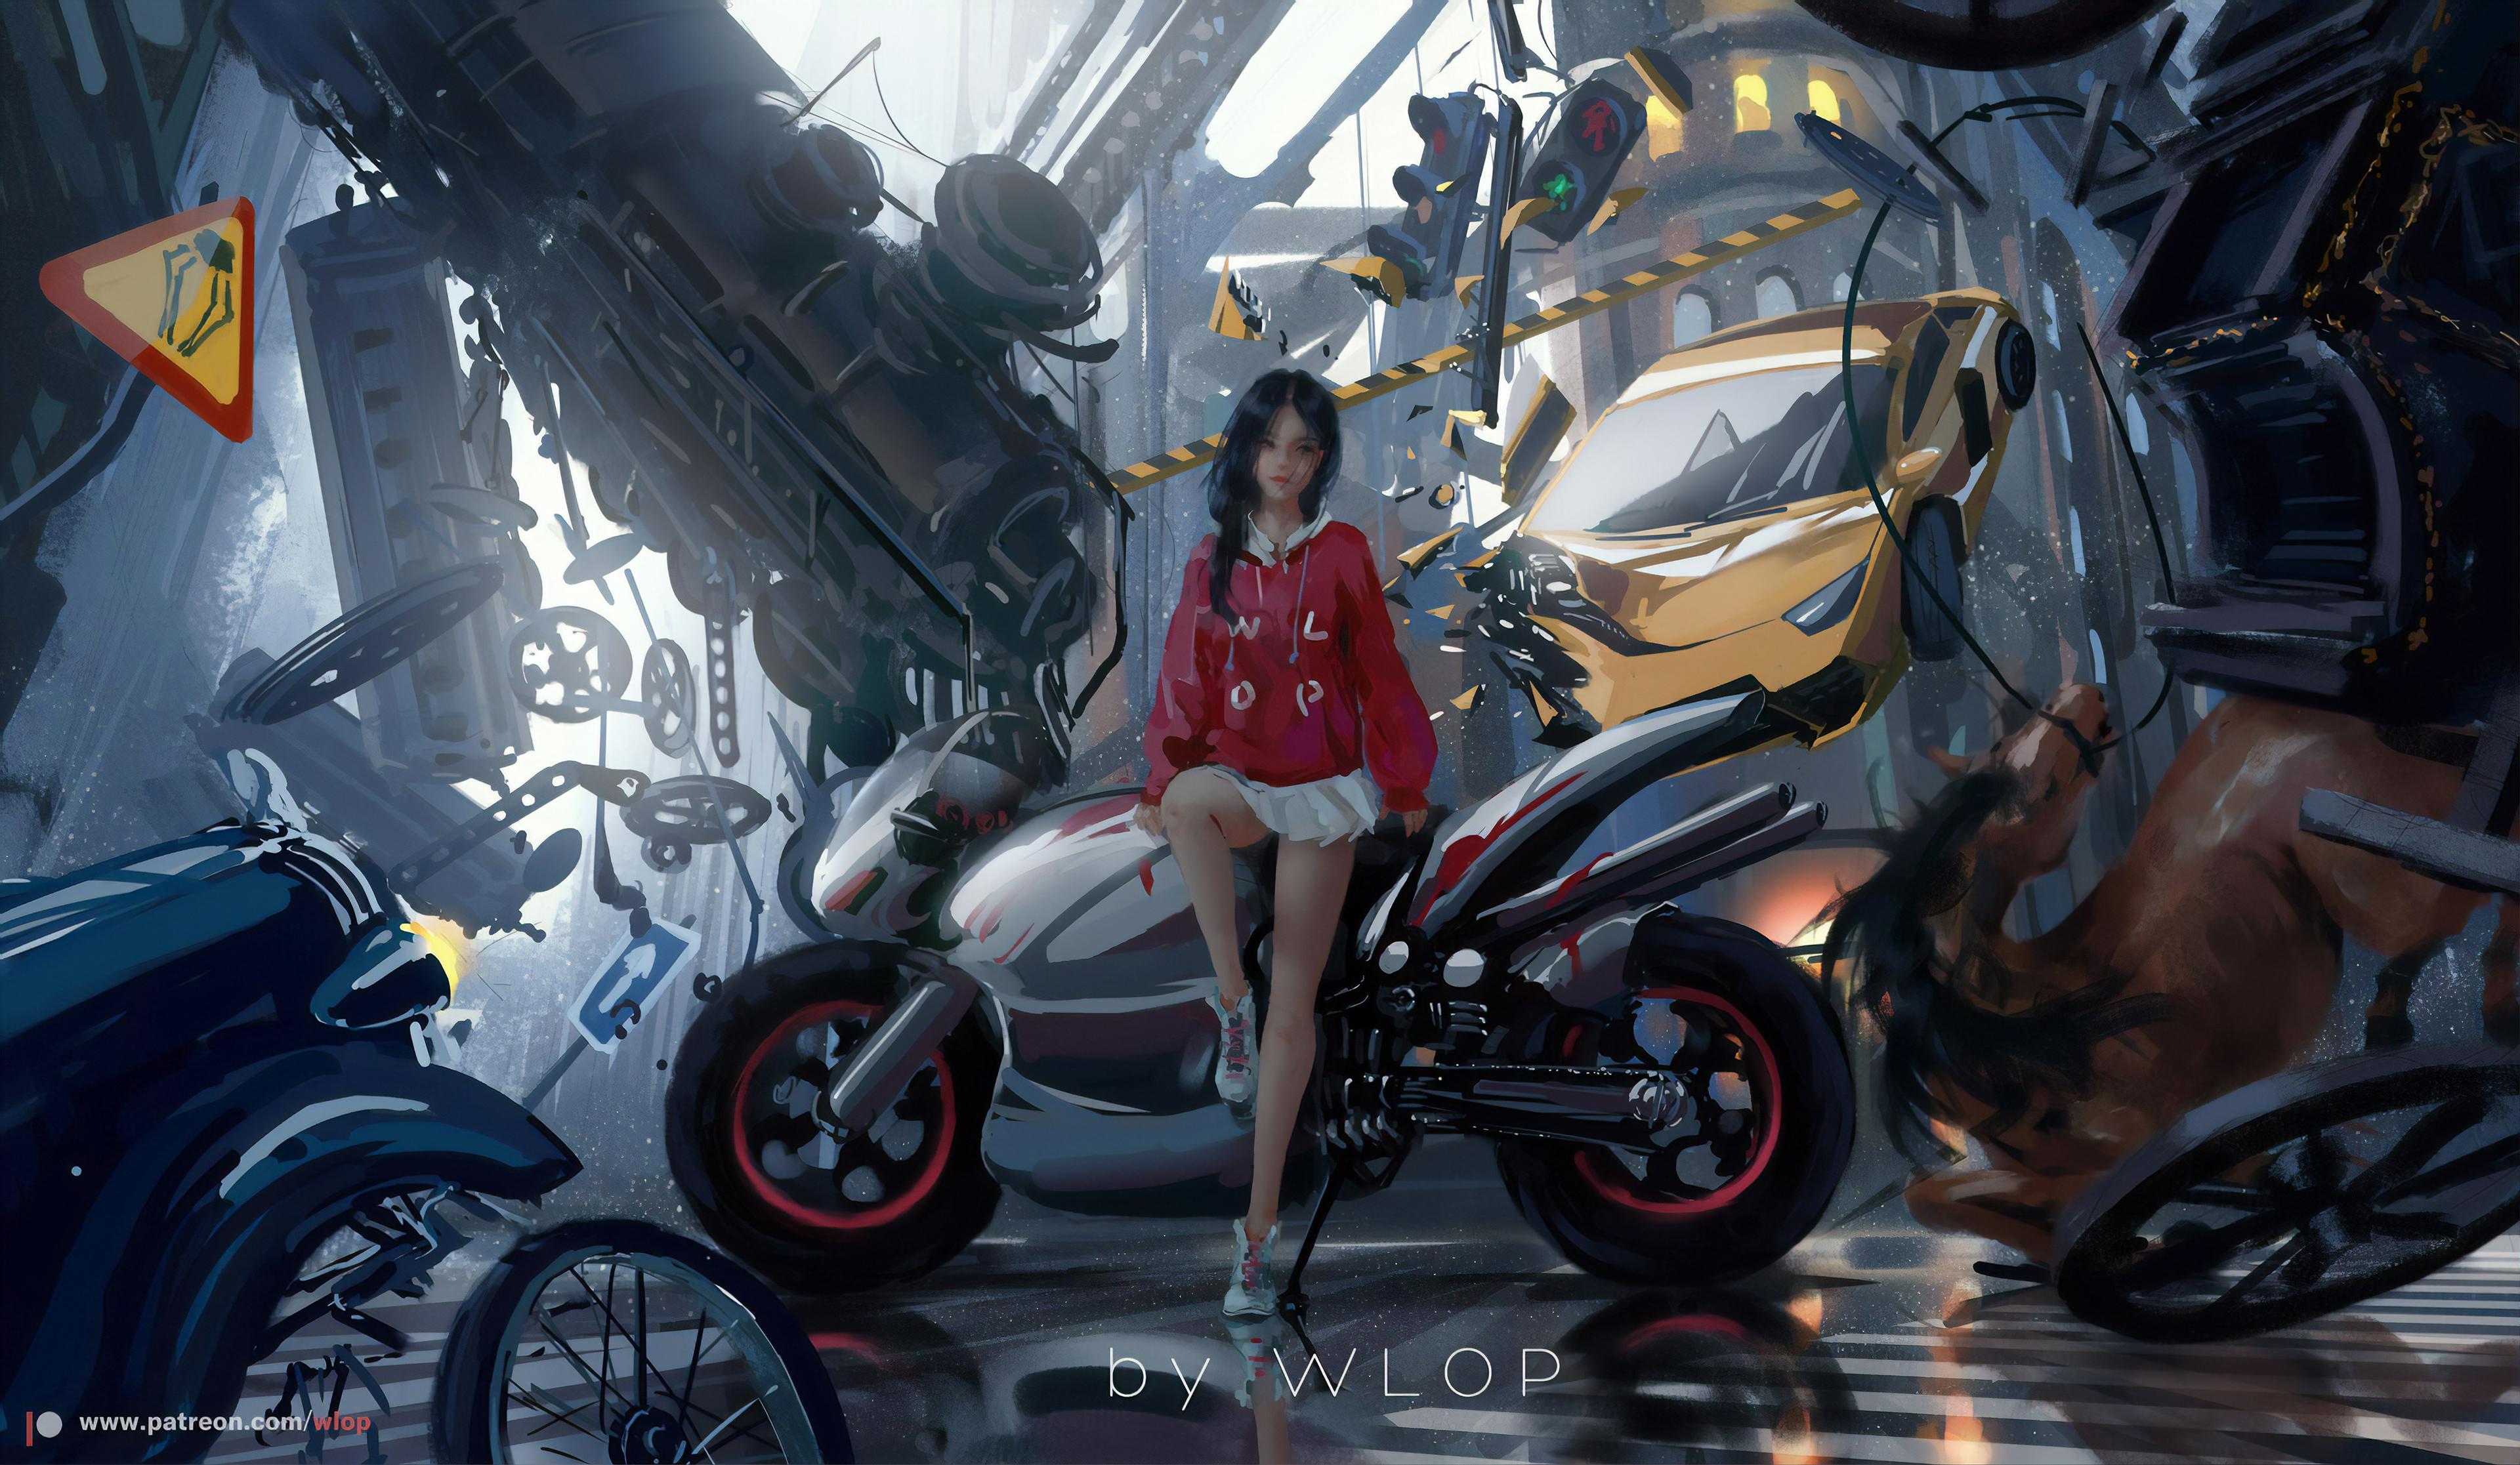 General 3840x2233 artwork digital art women motorcycle car WLOP skirt miniskirt dark hair